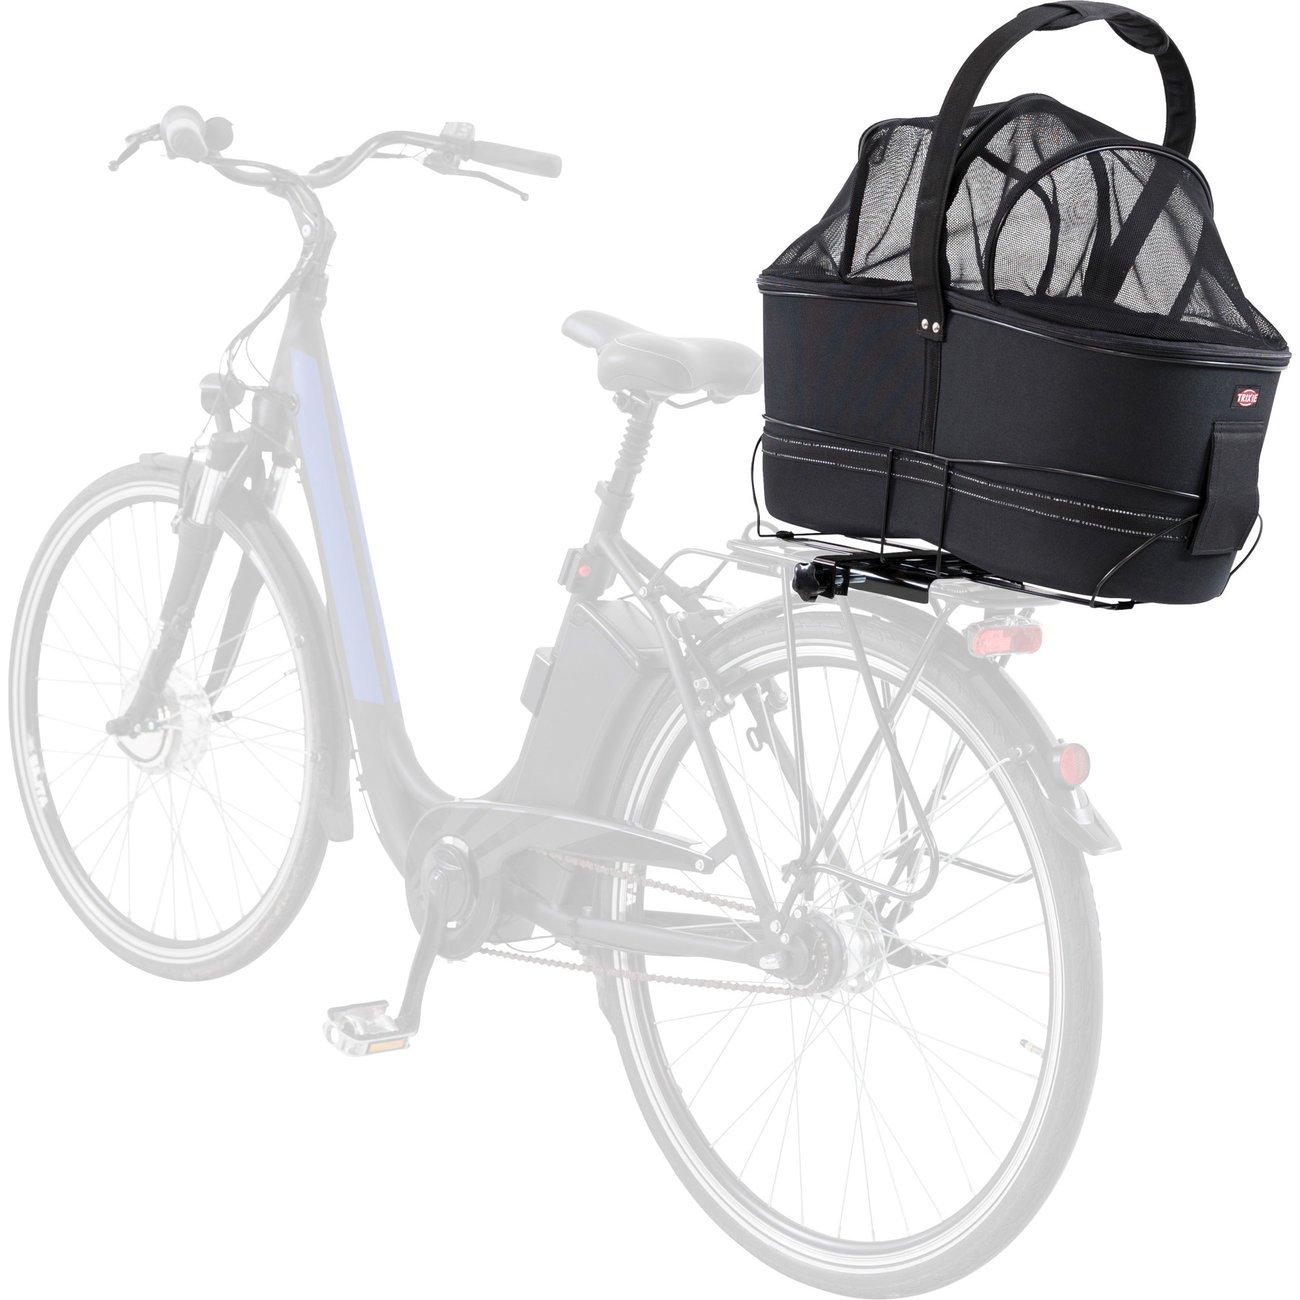 TRIXIE Hunde Fahrradkorb Long für breite Gepäckträger 13110, Bild 23